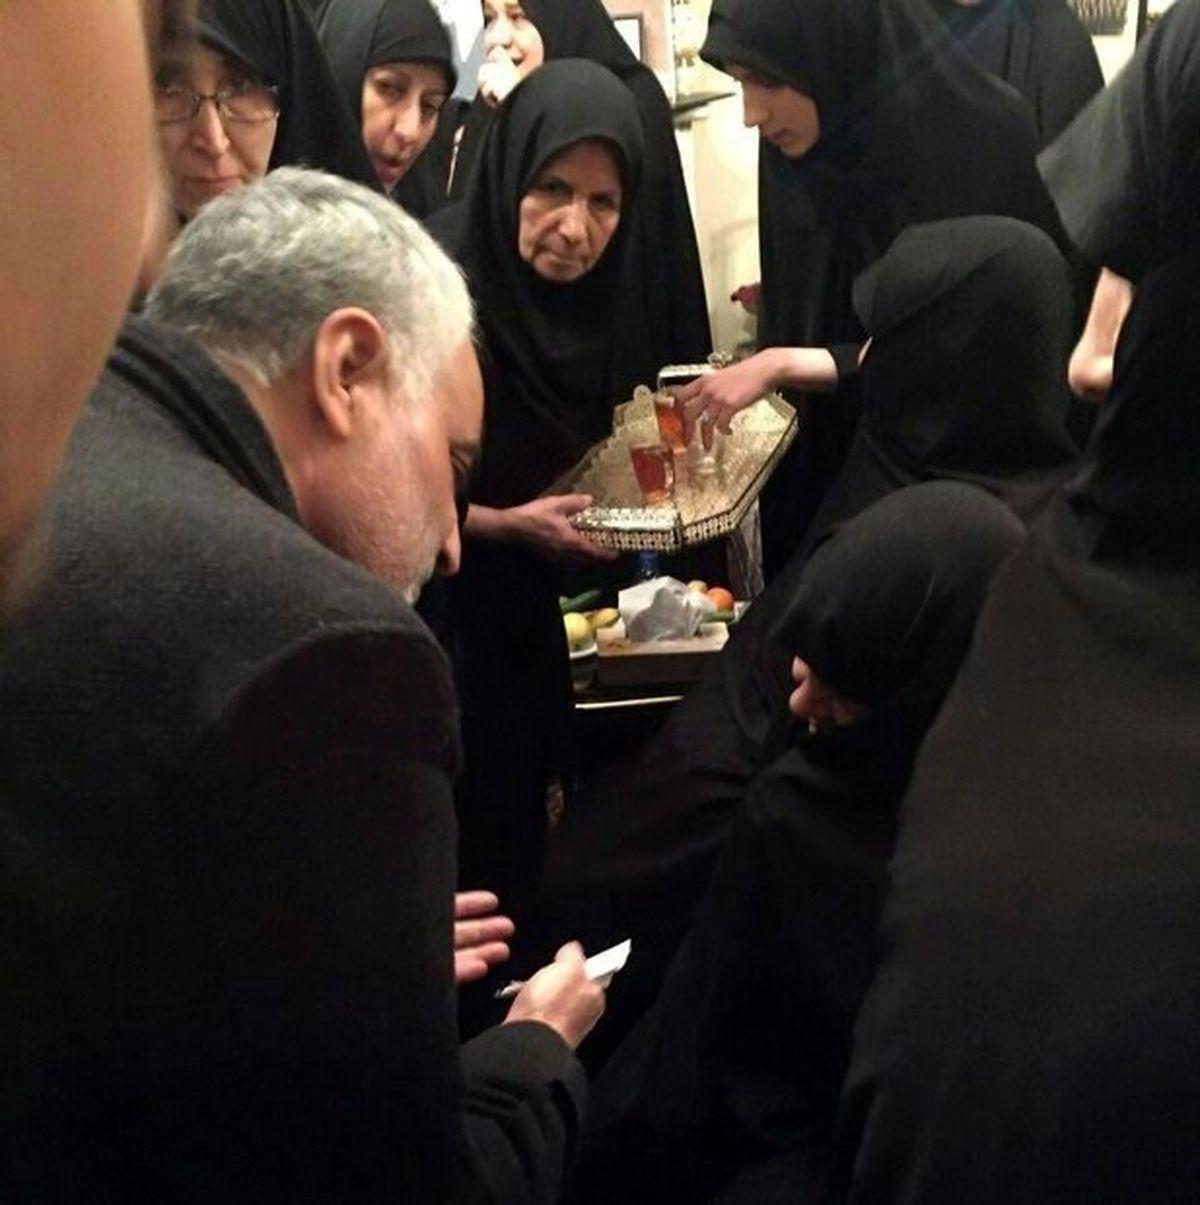 انگشتری که سردار سلیمانی به آیتالله هاشمی هدیه داد +عکس